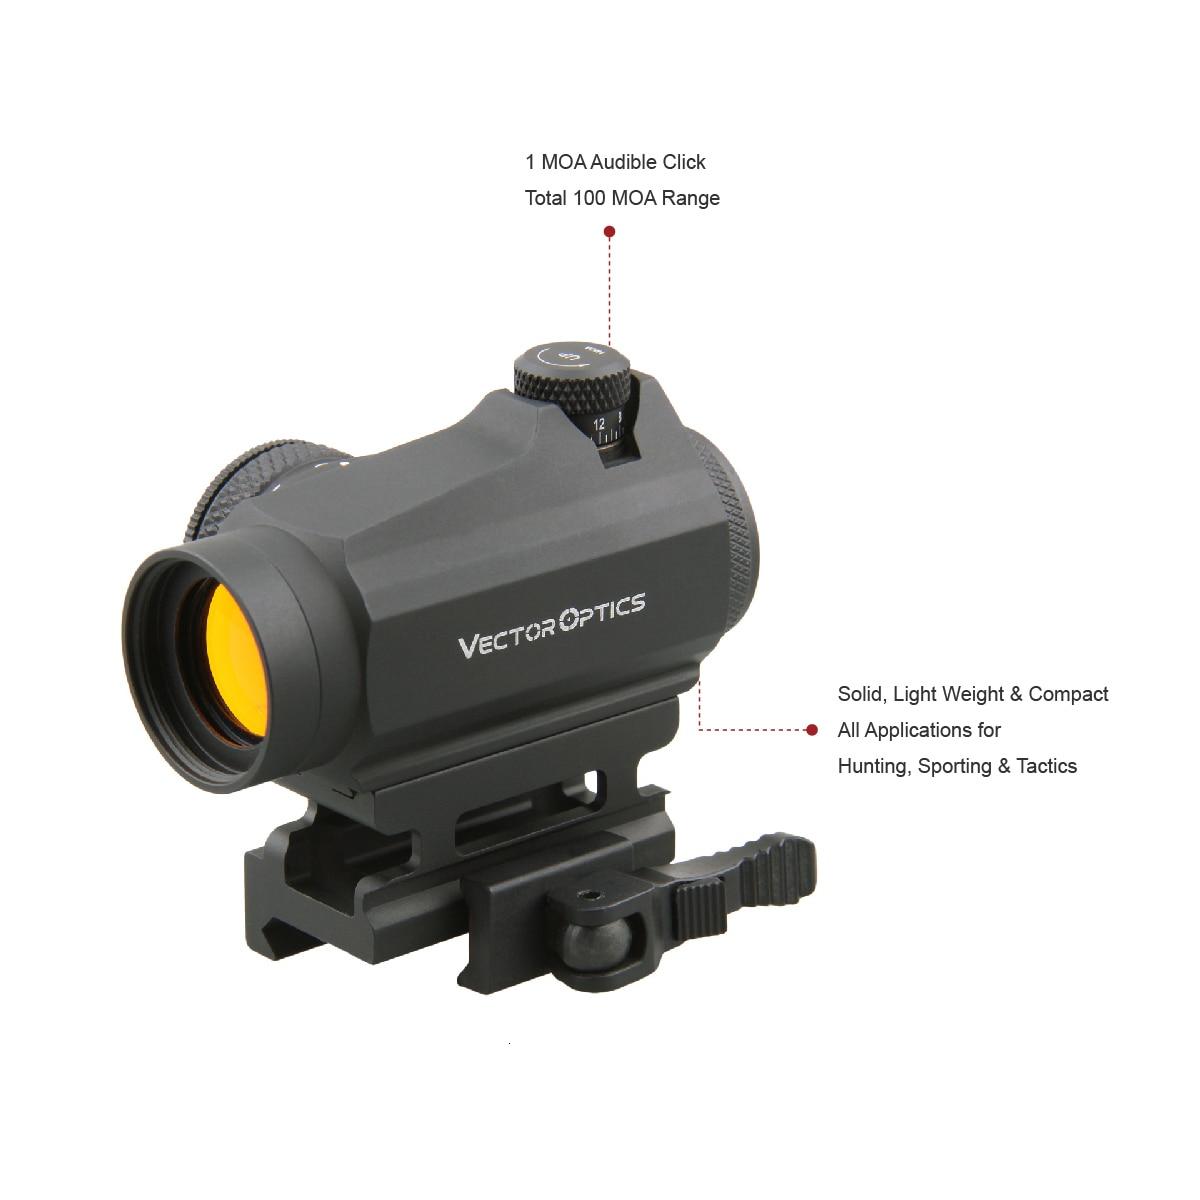 Red Dot Sight Target-Shooting Vector-Optics Picatinny-Mount Maverick Tactical 1x22 QD